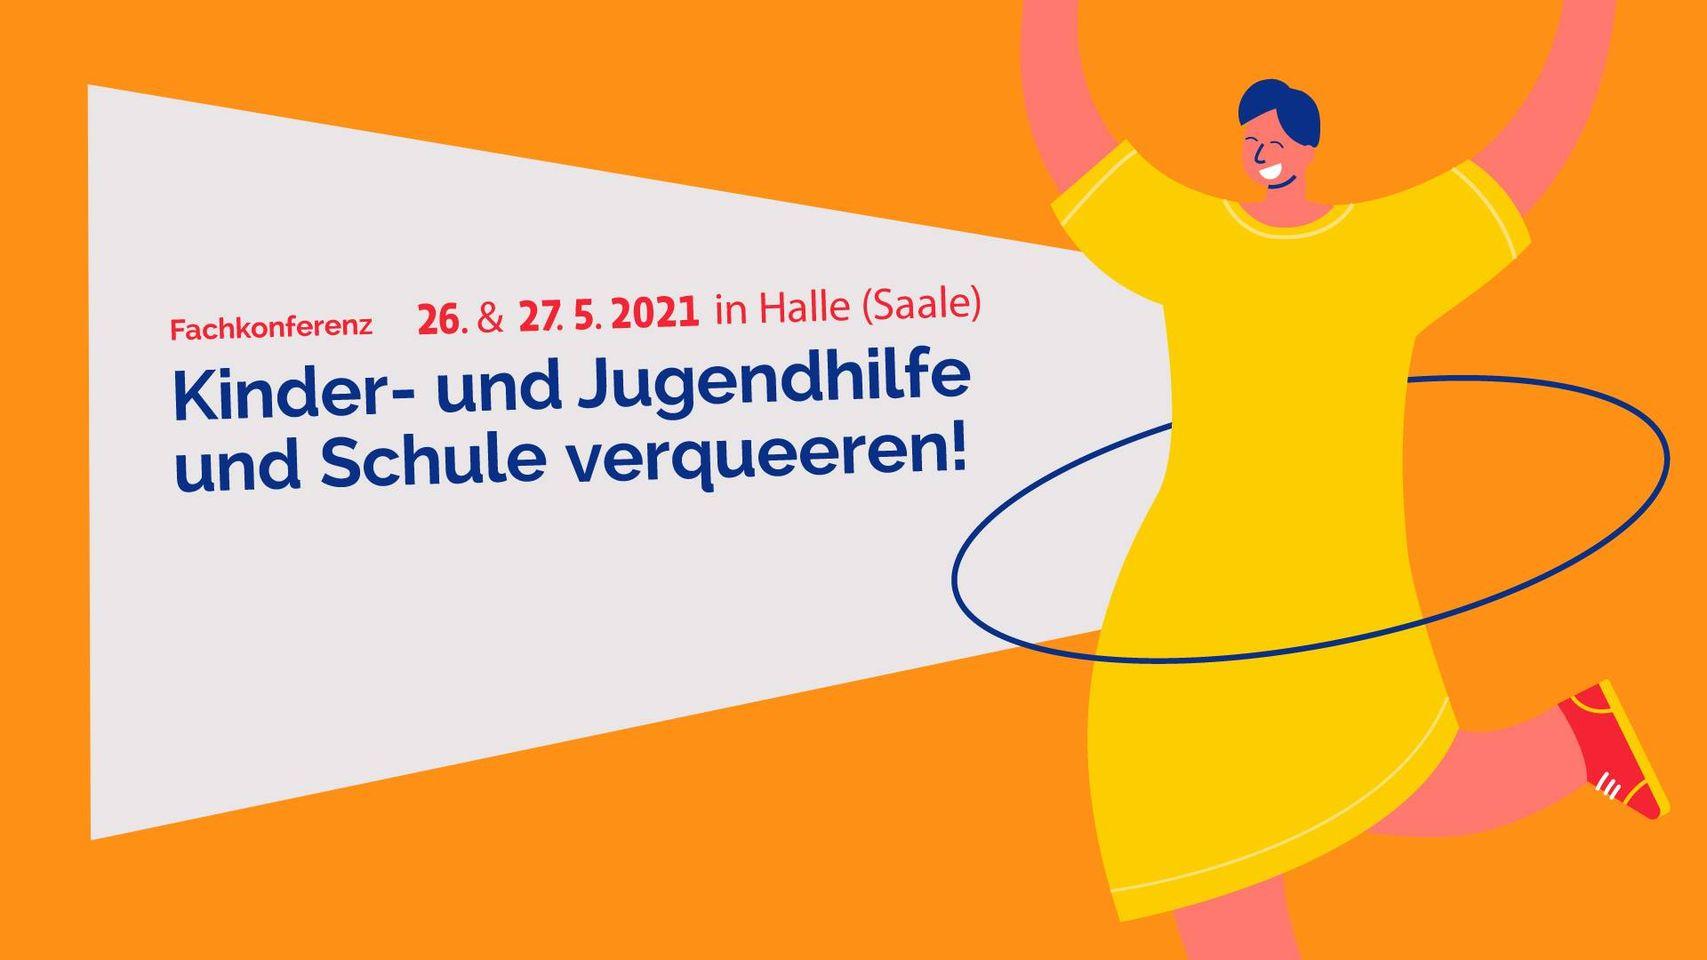 Kinder- und Jugendhilfe und Schuler verqueeren – queere Fachkonferenz in Halle (Saale)